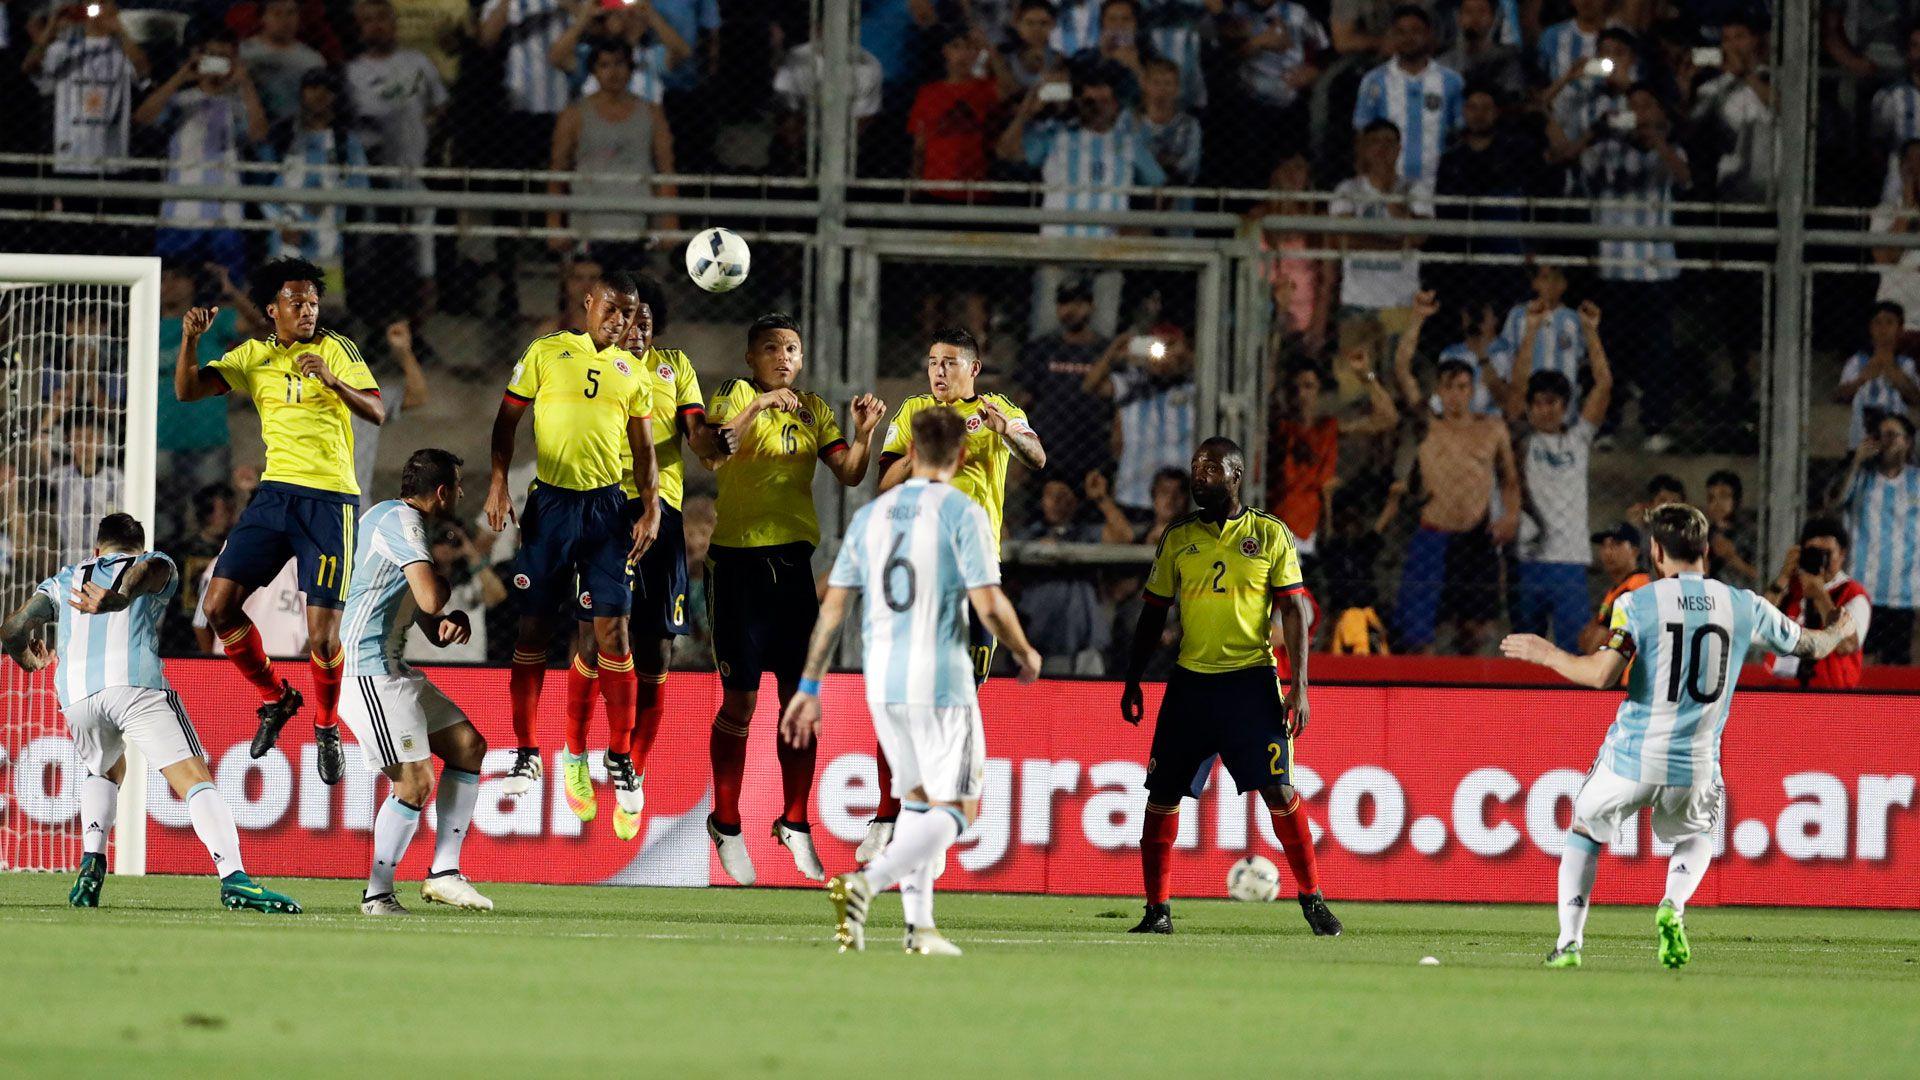 La última vez que Messi le anotó a Colombia fue el 15 de noviembre de 2016 en la goleada 3-0 de Argentina sobre Colombia por las eliminatorias rumbo a Rusia 2018 en San Juan, Argentina / (AP).